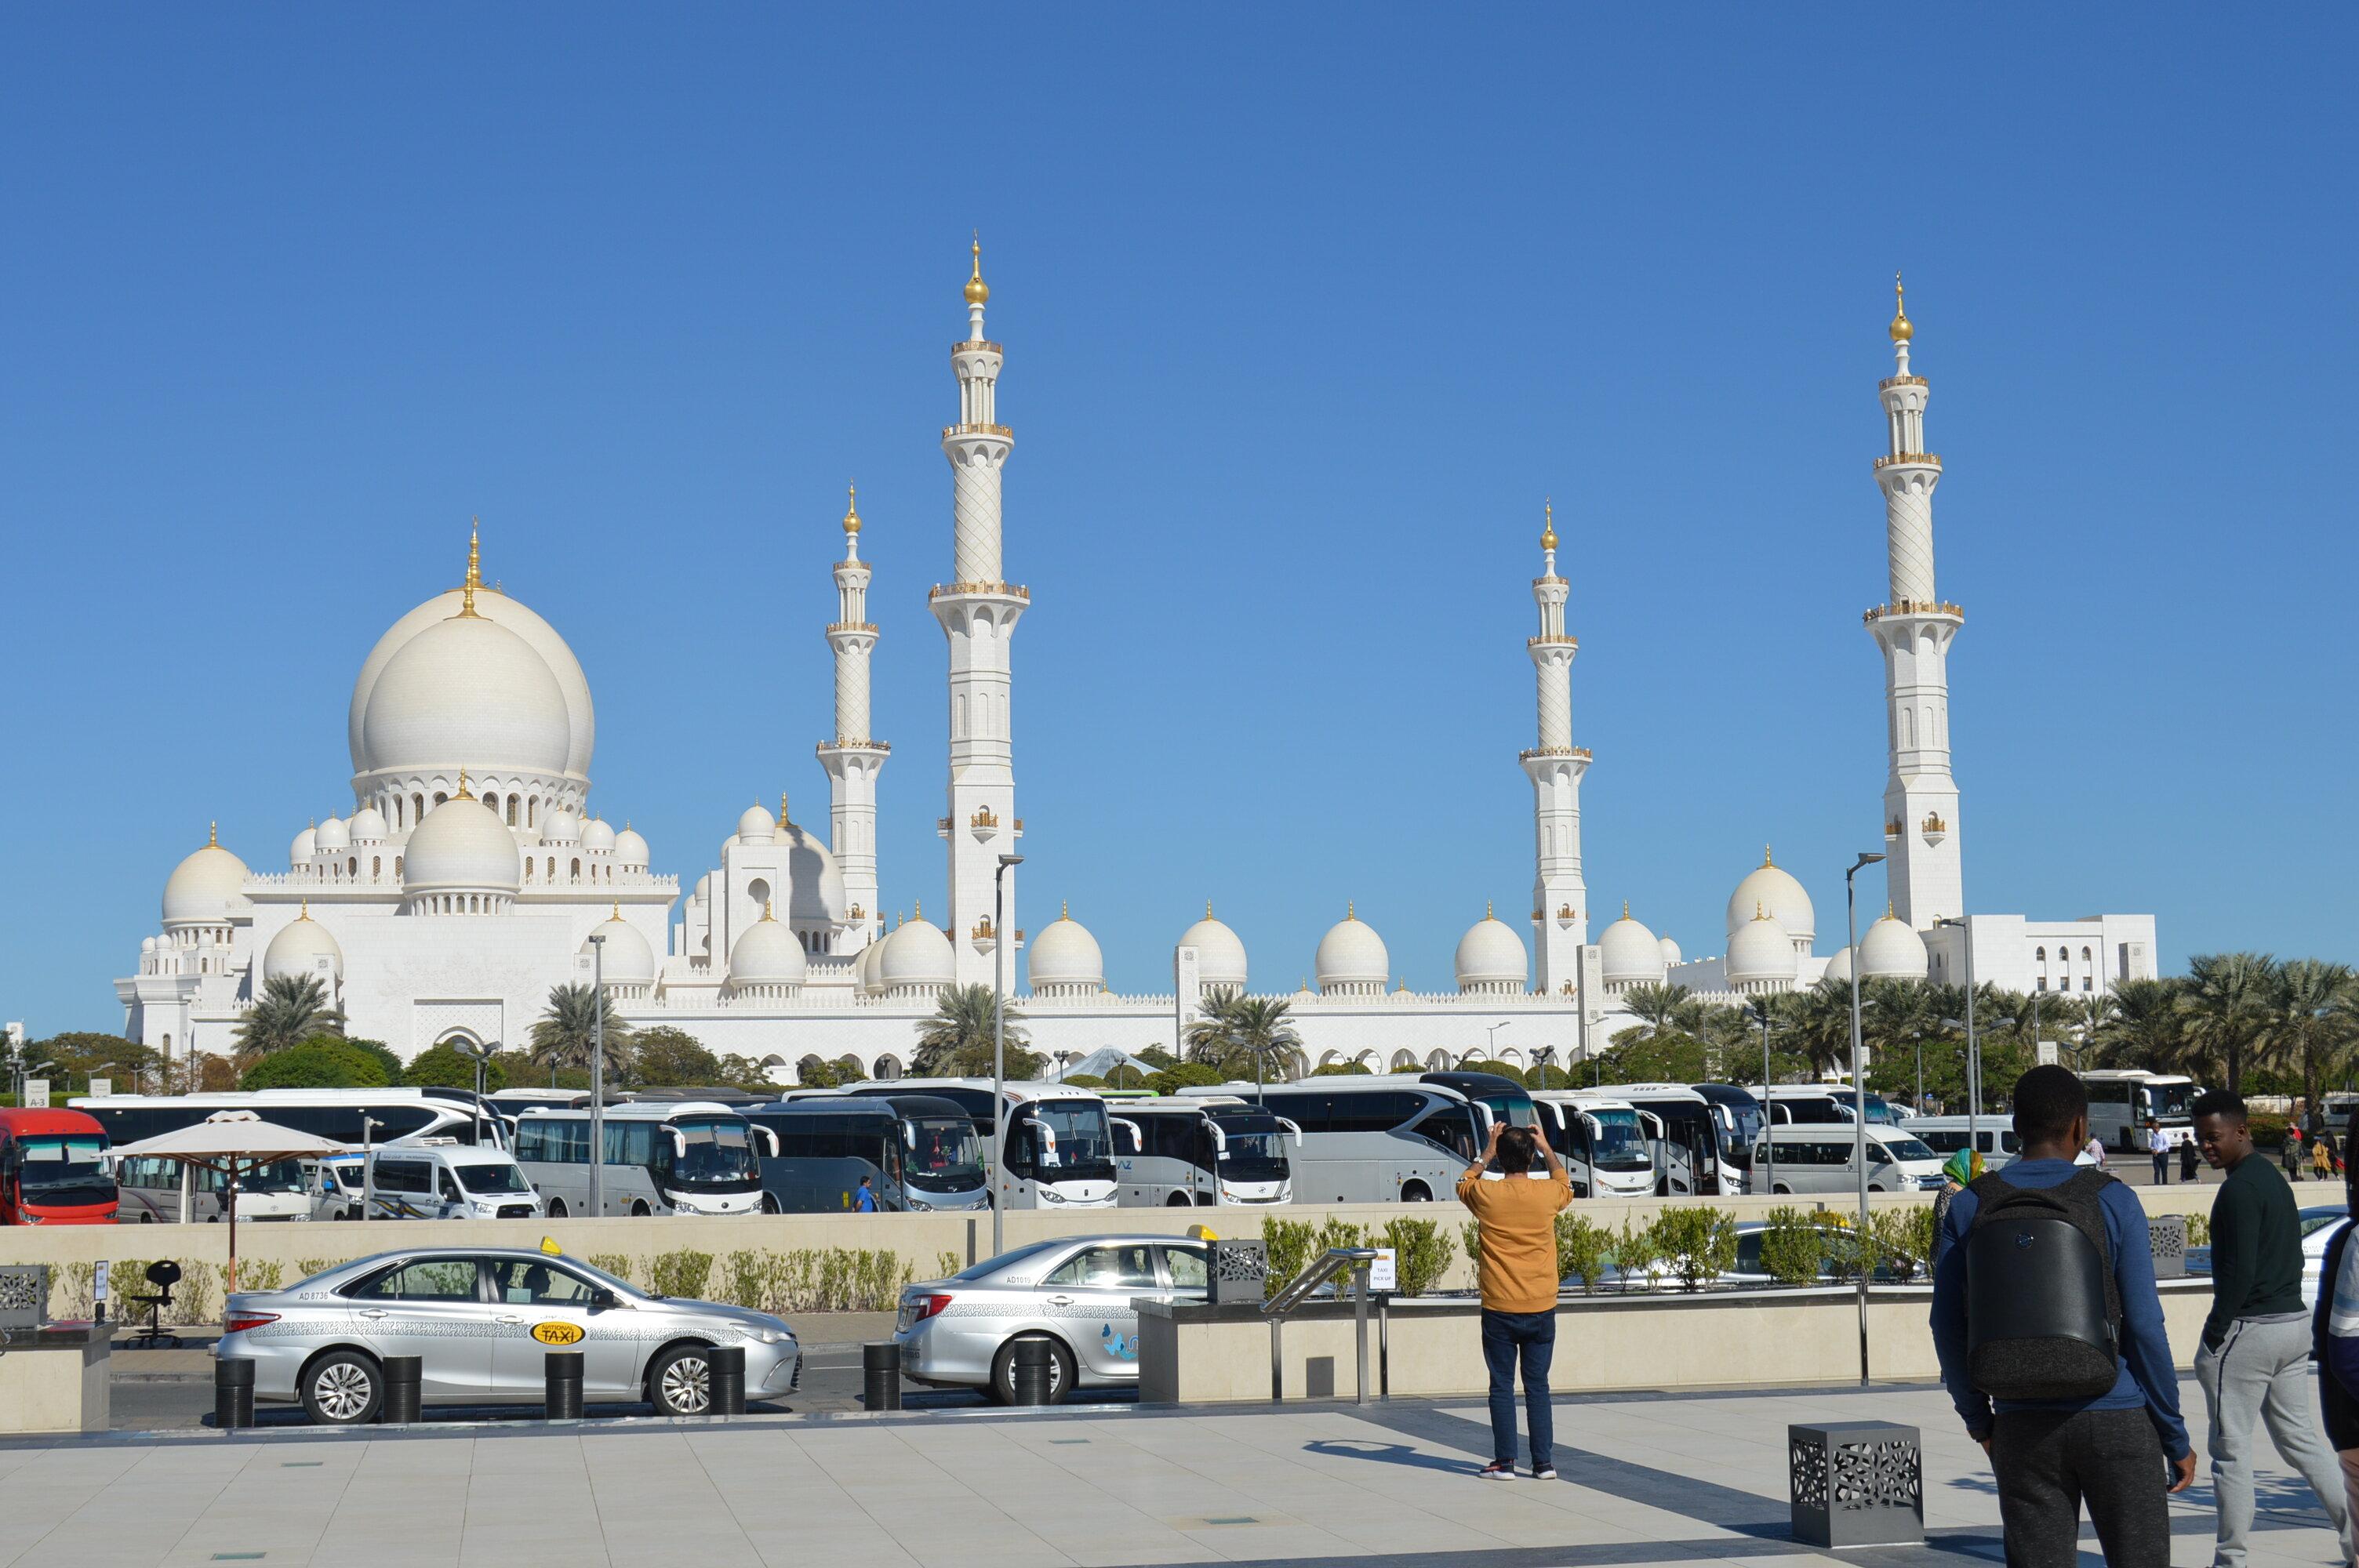 ОАЭ, Абу-Даби, 7 января 2020 года